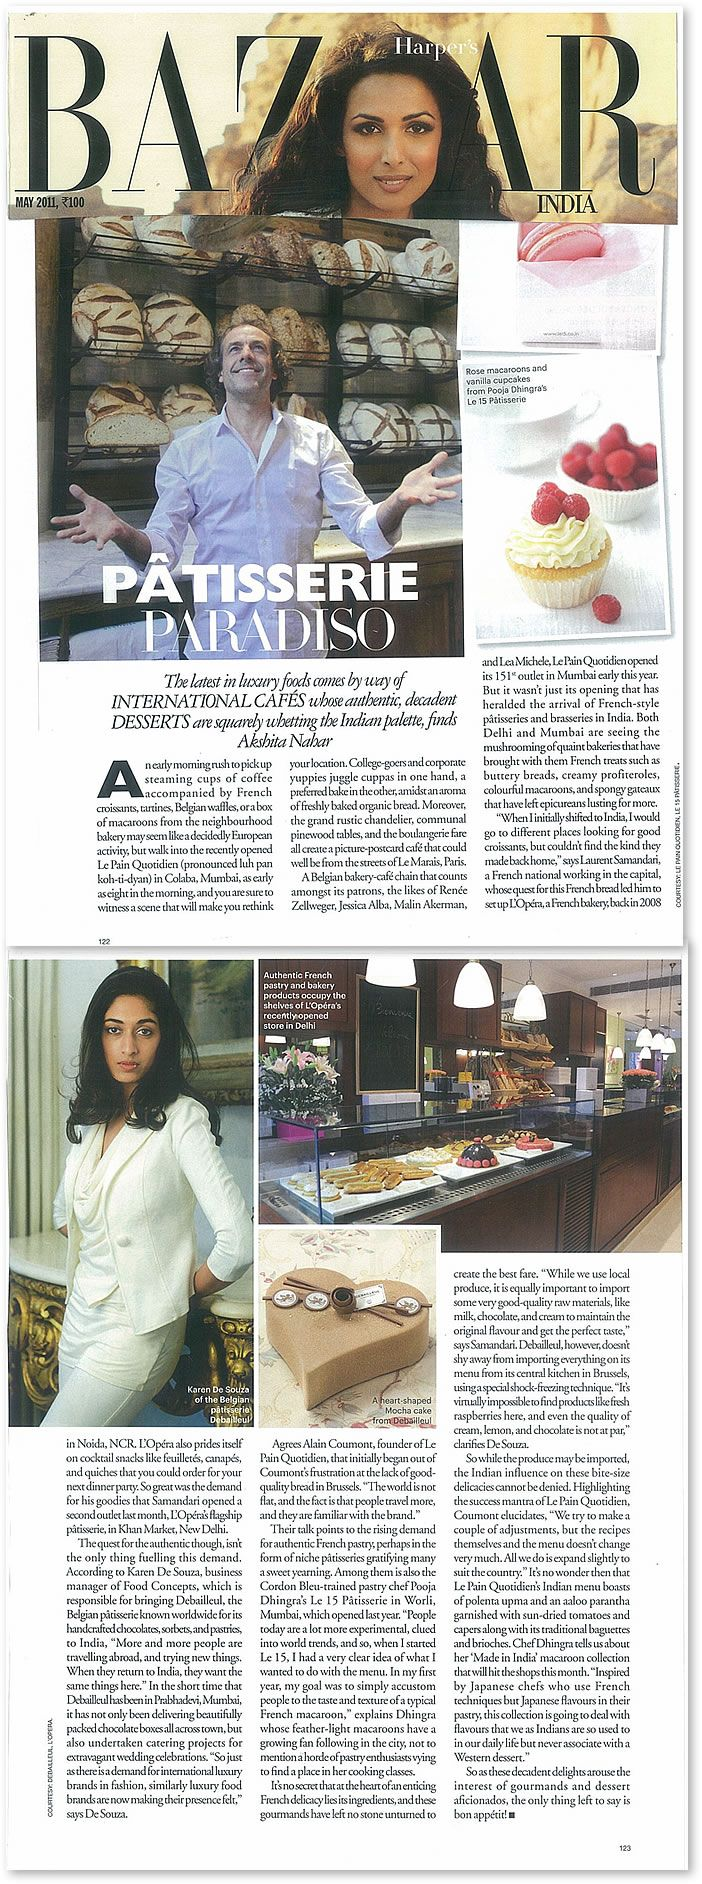 press-bazaar (1)